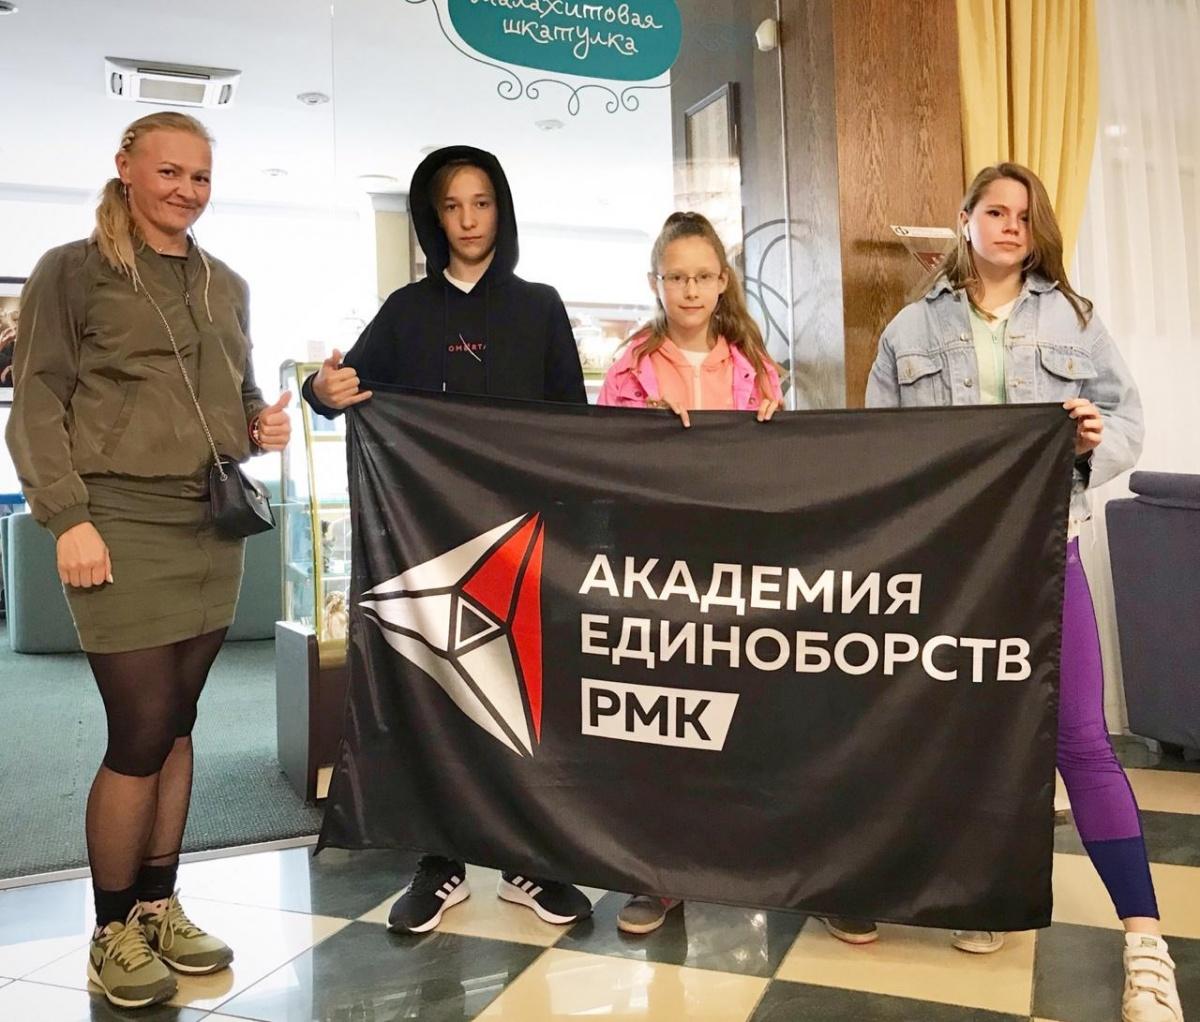 Екатеринбуржцы, завоевавшие медали на первенстве по джиу-джитсу. Справа— Маргарита Шишова, которая теперь поедет на Кубок мира